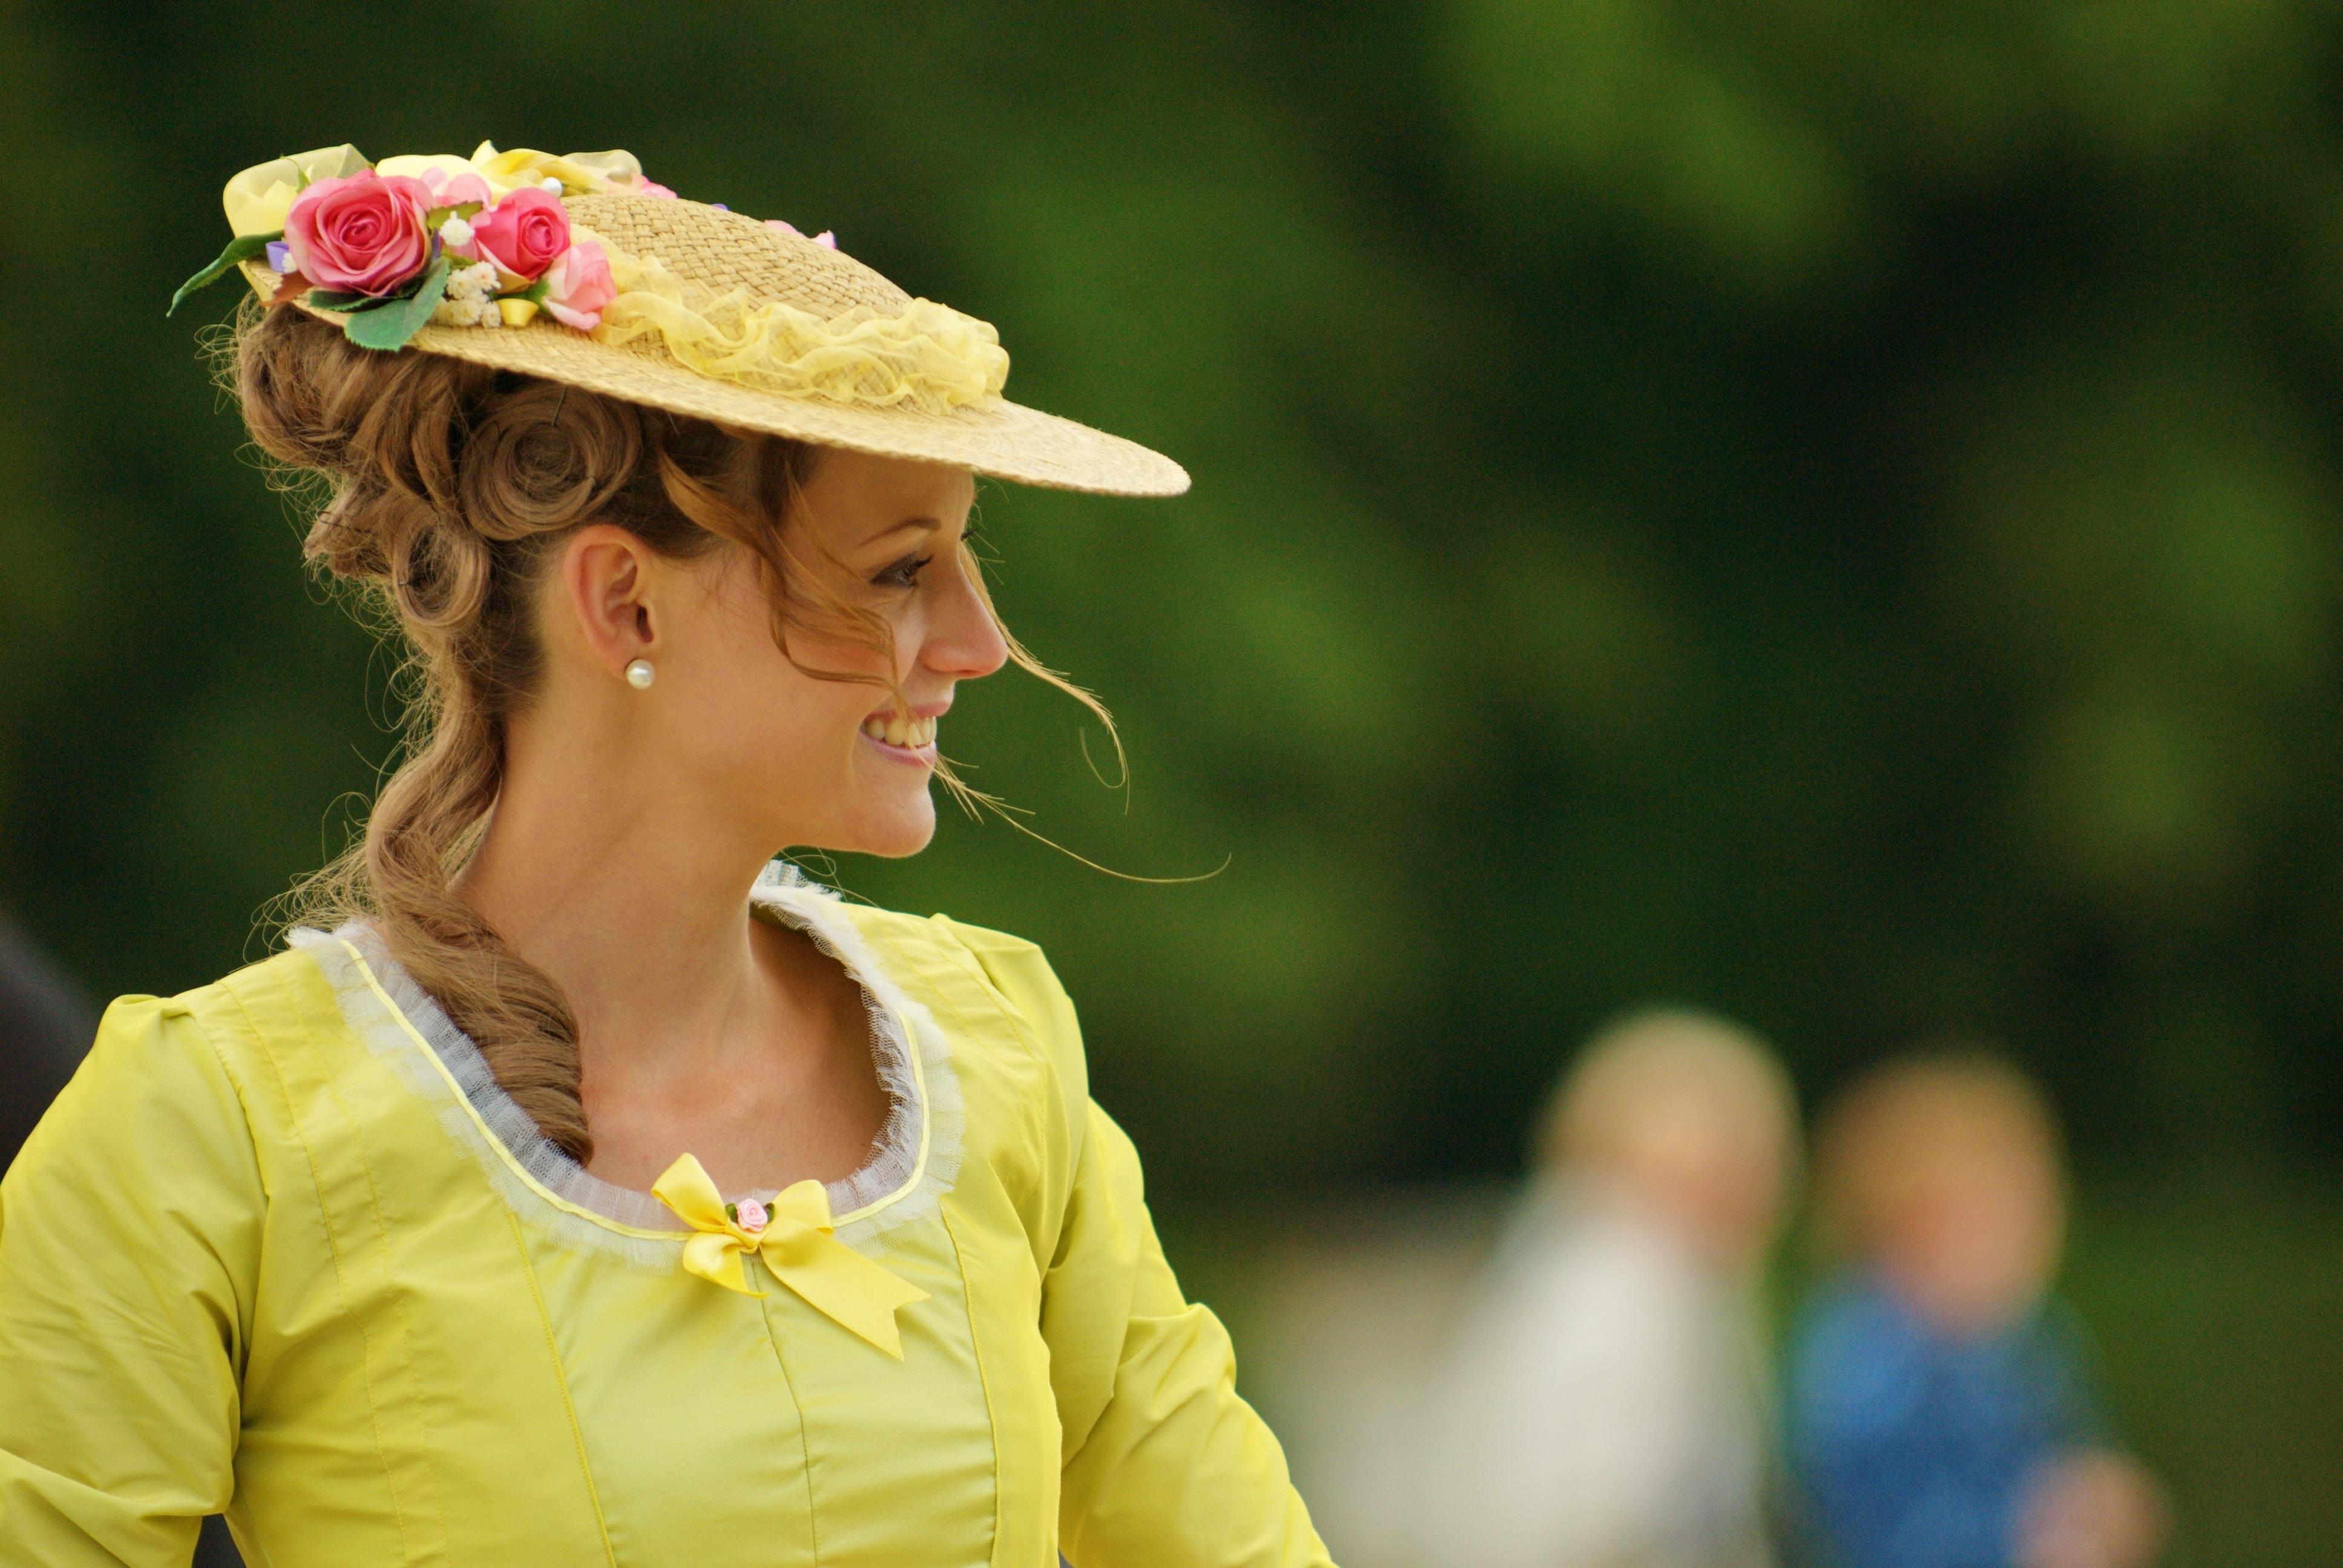 d3f7687af ... sombrero, amarillo, dama, temporada, sonreír, cara, vestir, bonita,  Encantado, guapo, feminidad, elegancia, sensual, Sesión de fotos, mujer  atractiva, ...